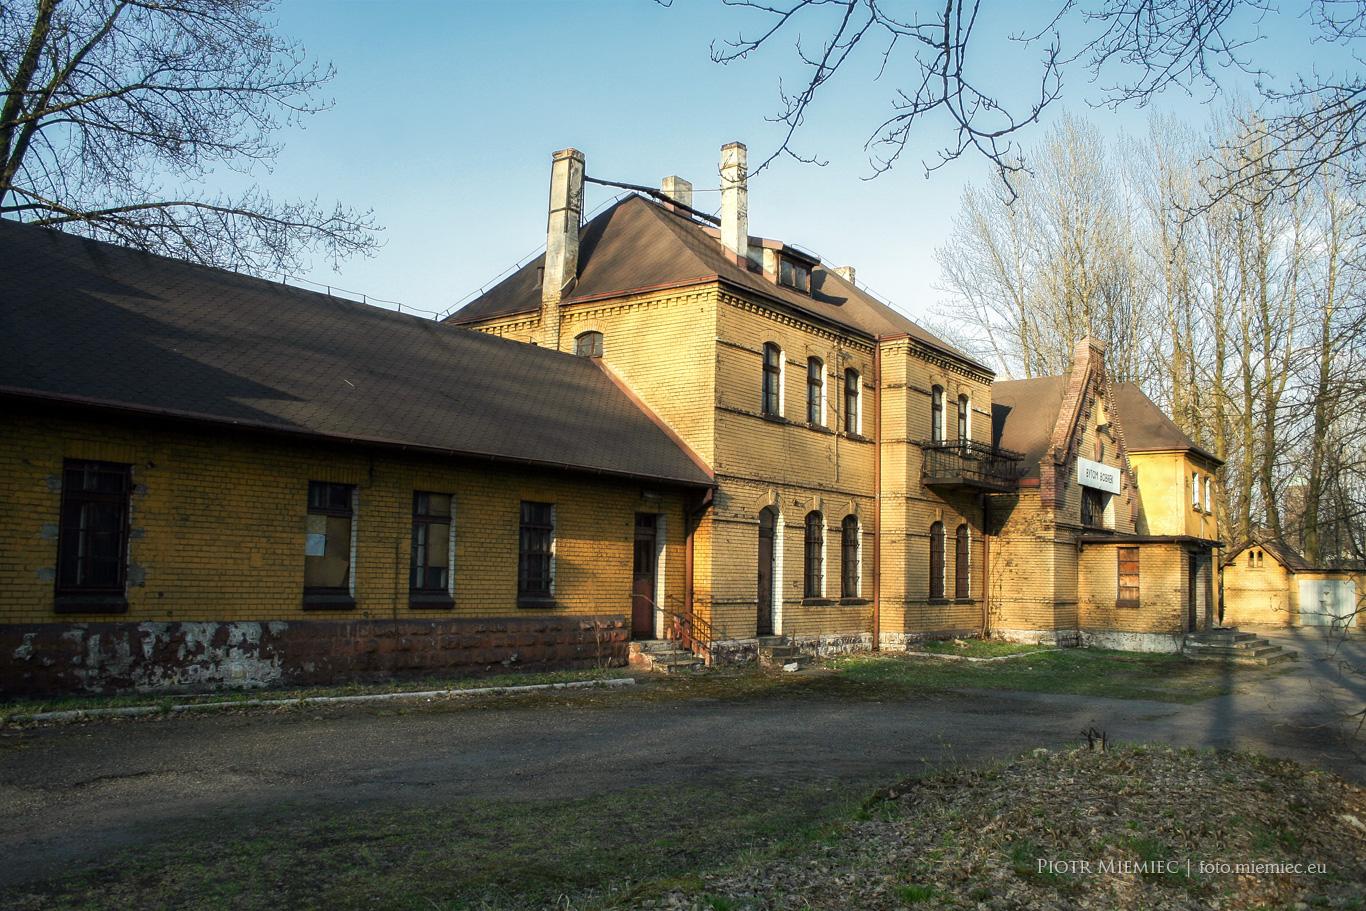 Stacja kolejowa Bytom Bobrek – kwiecień 2011